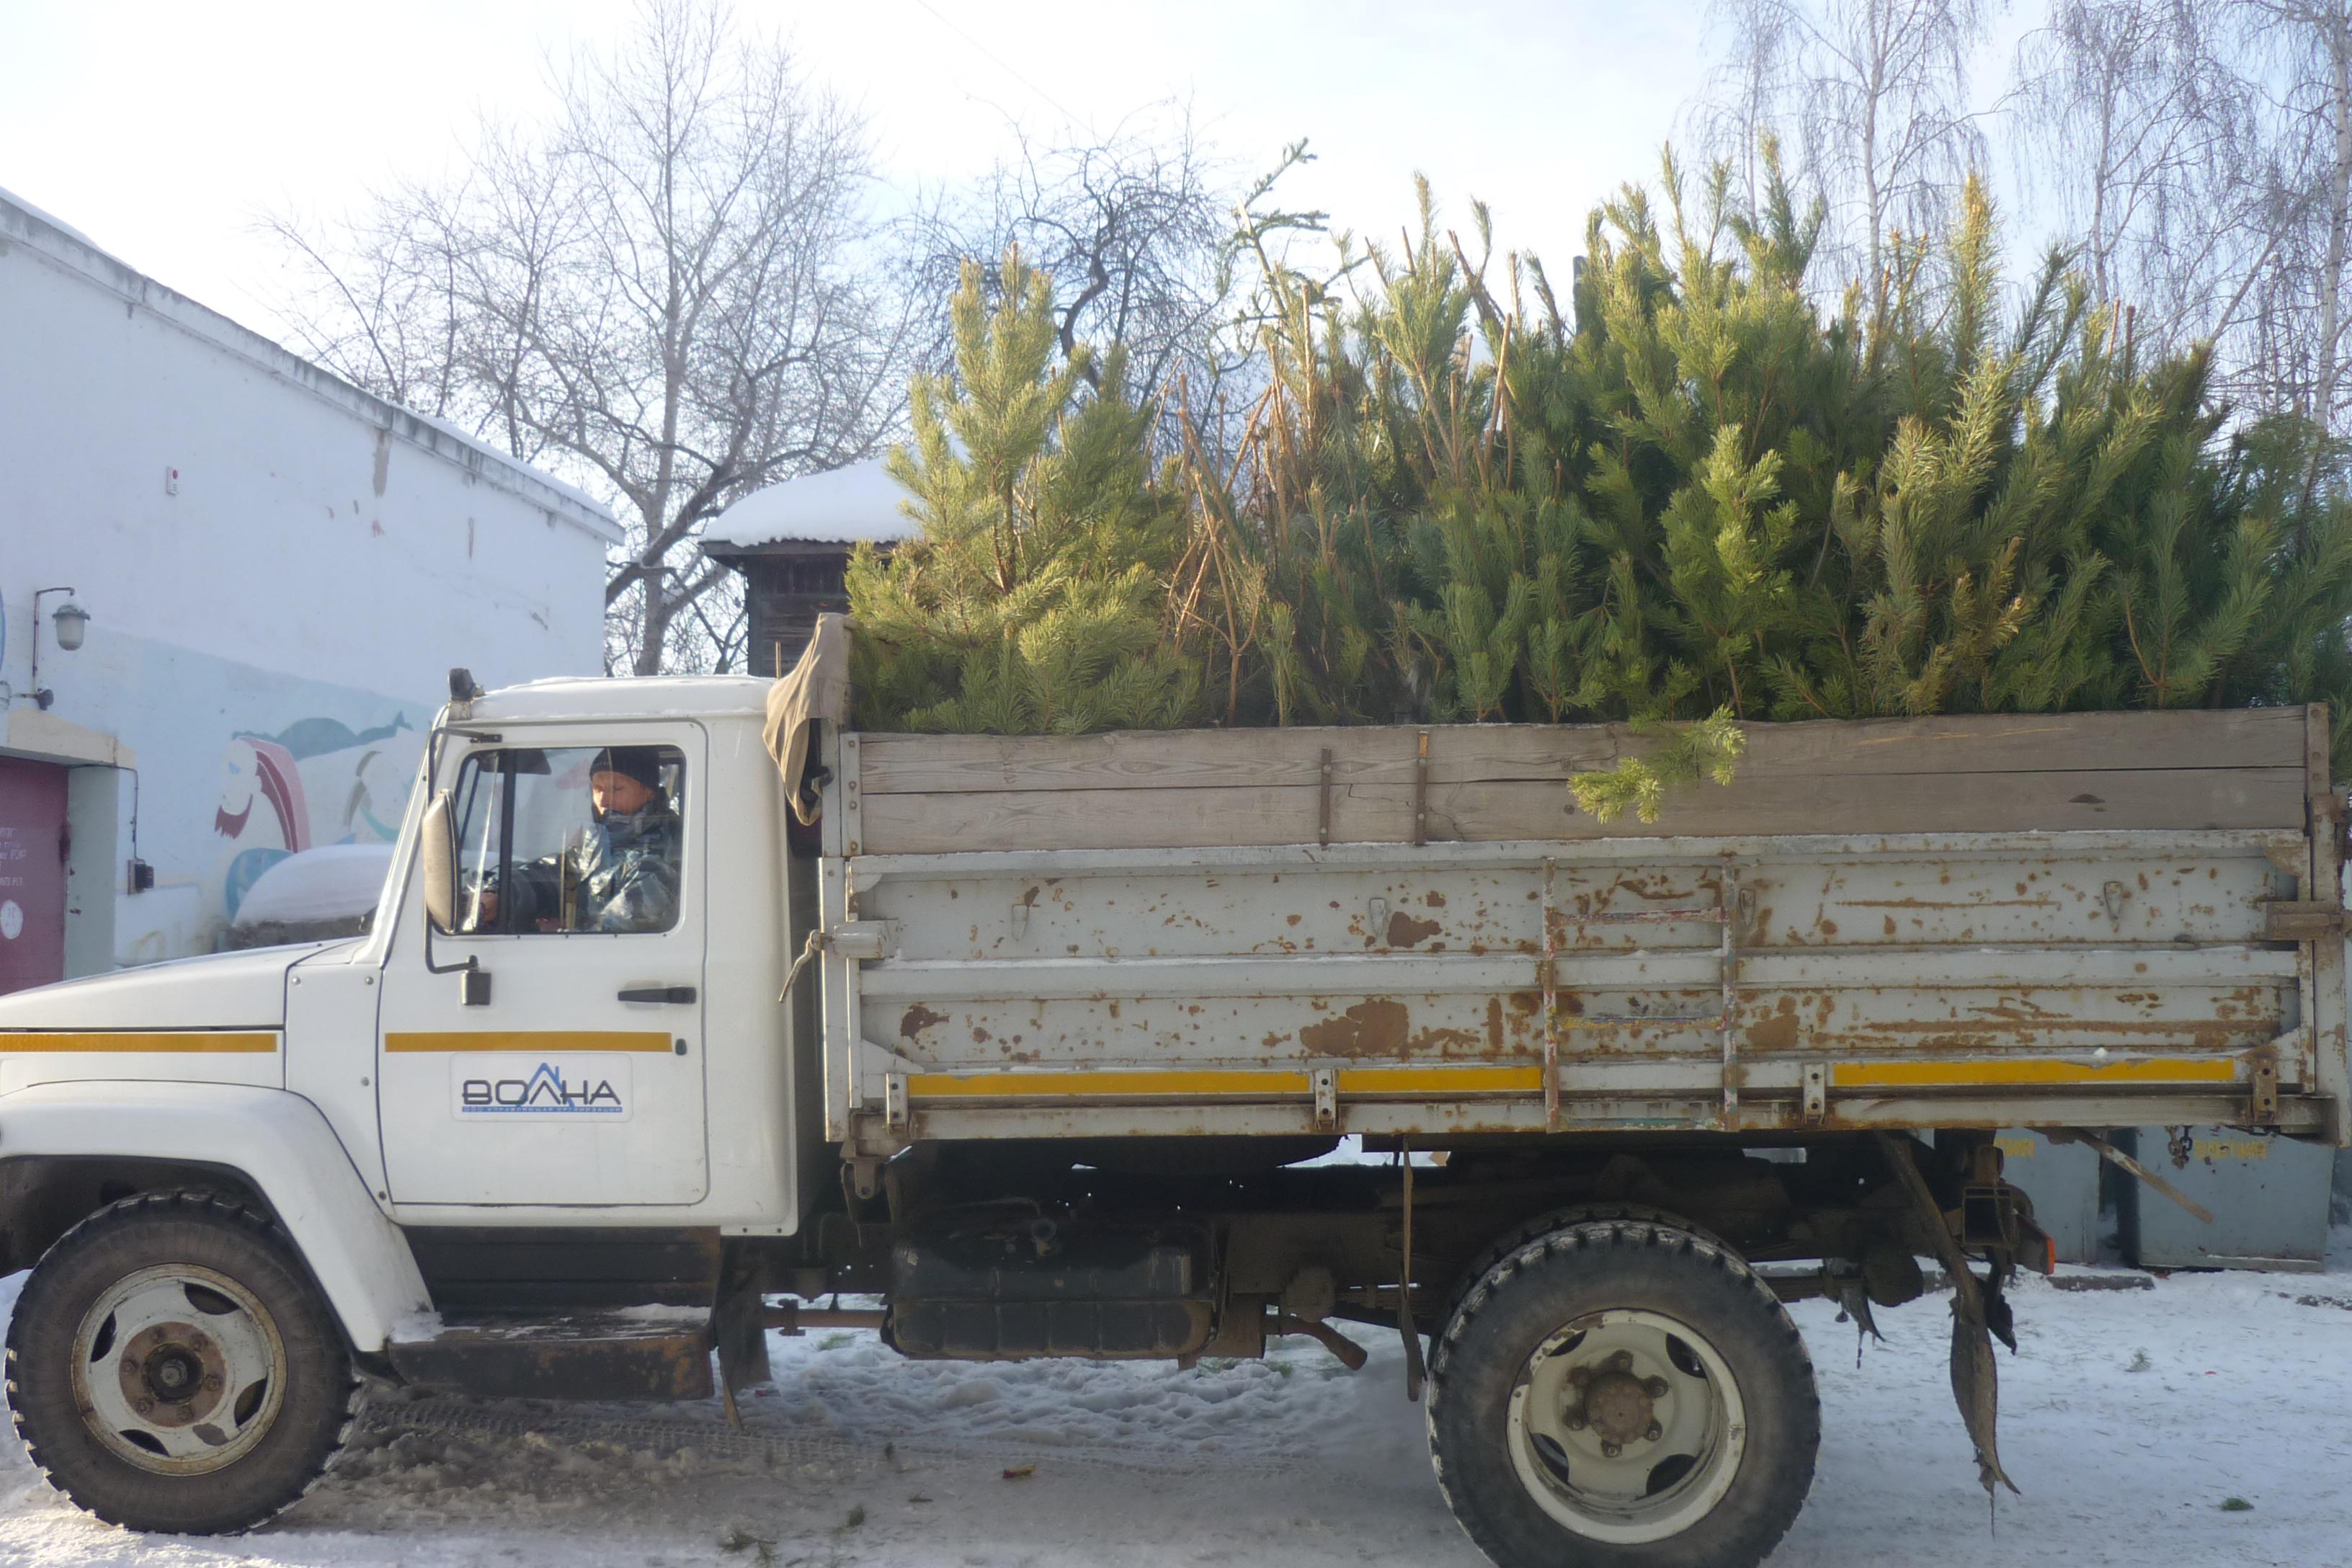 Праздник закончился: в Кургане управляющая компания вывозит новогодние елки на переработку